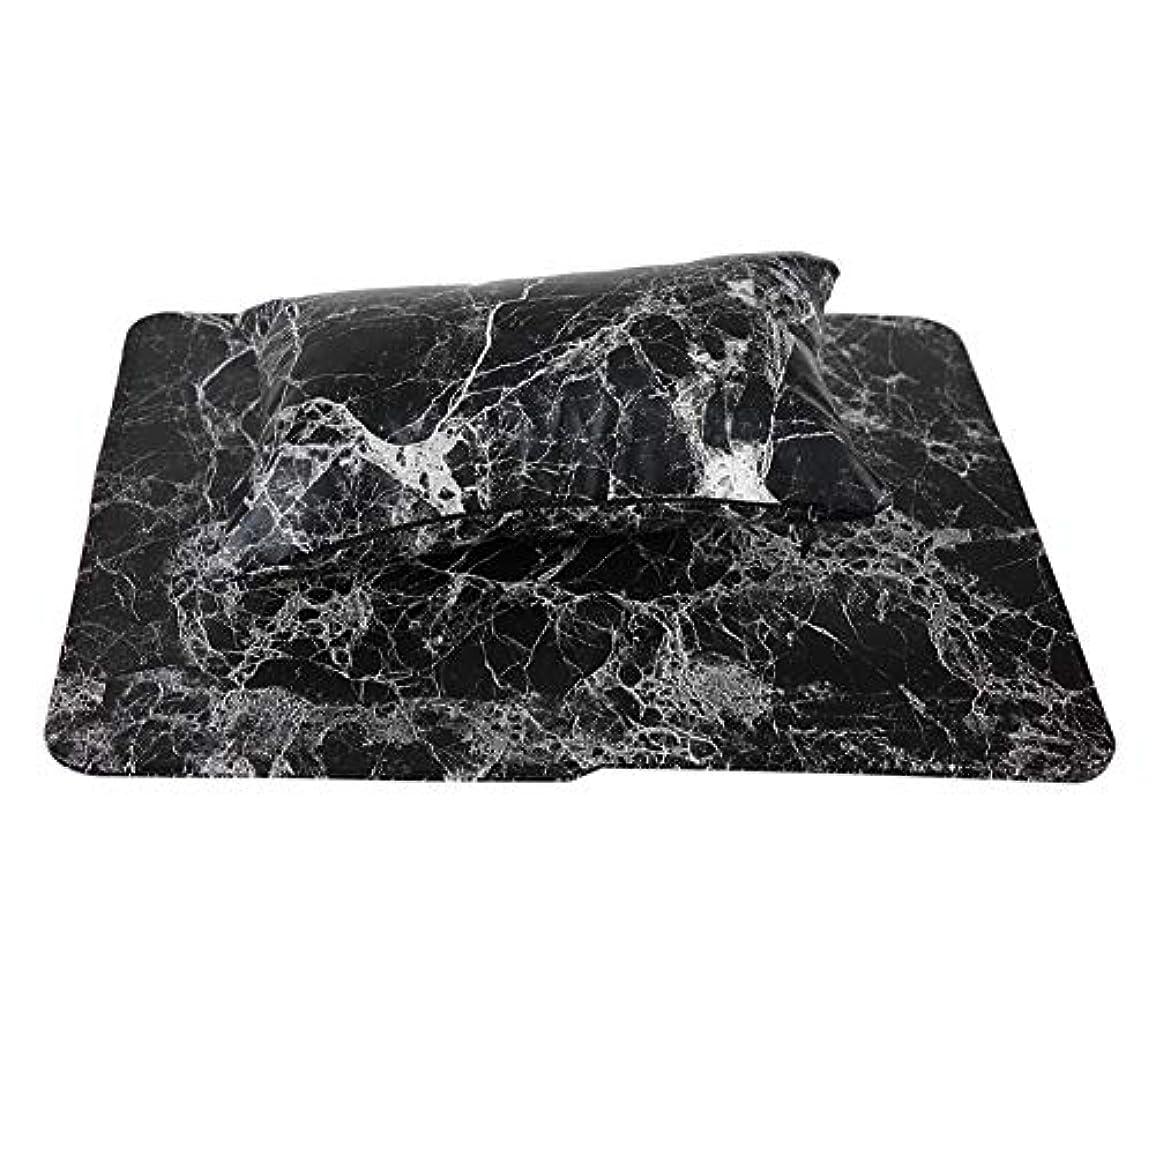 参照する記念品ステレオタイプ新しいネイルハンドピローアップ材料は手洗いすることができます(黒)